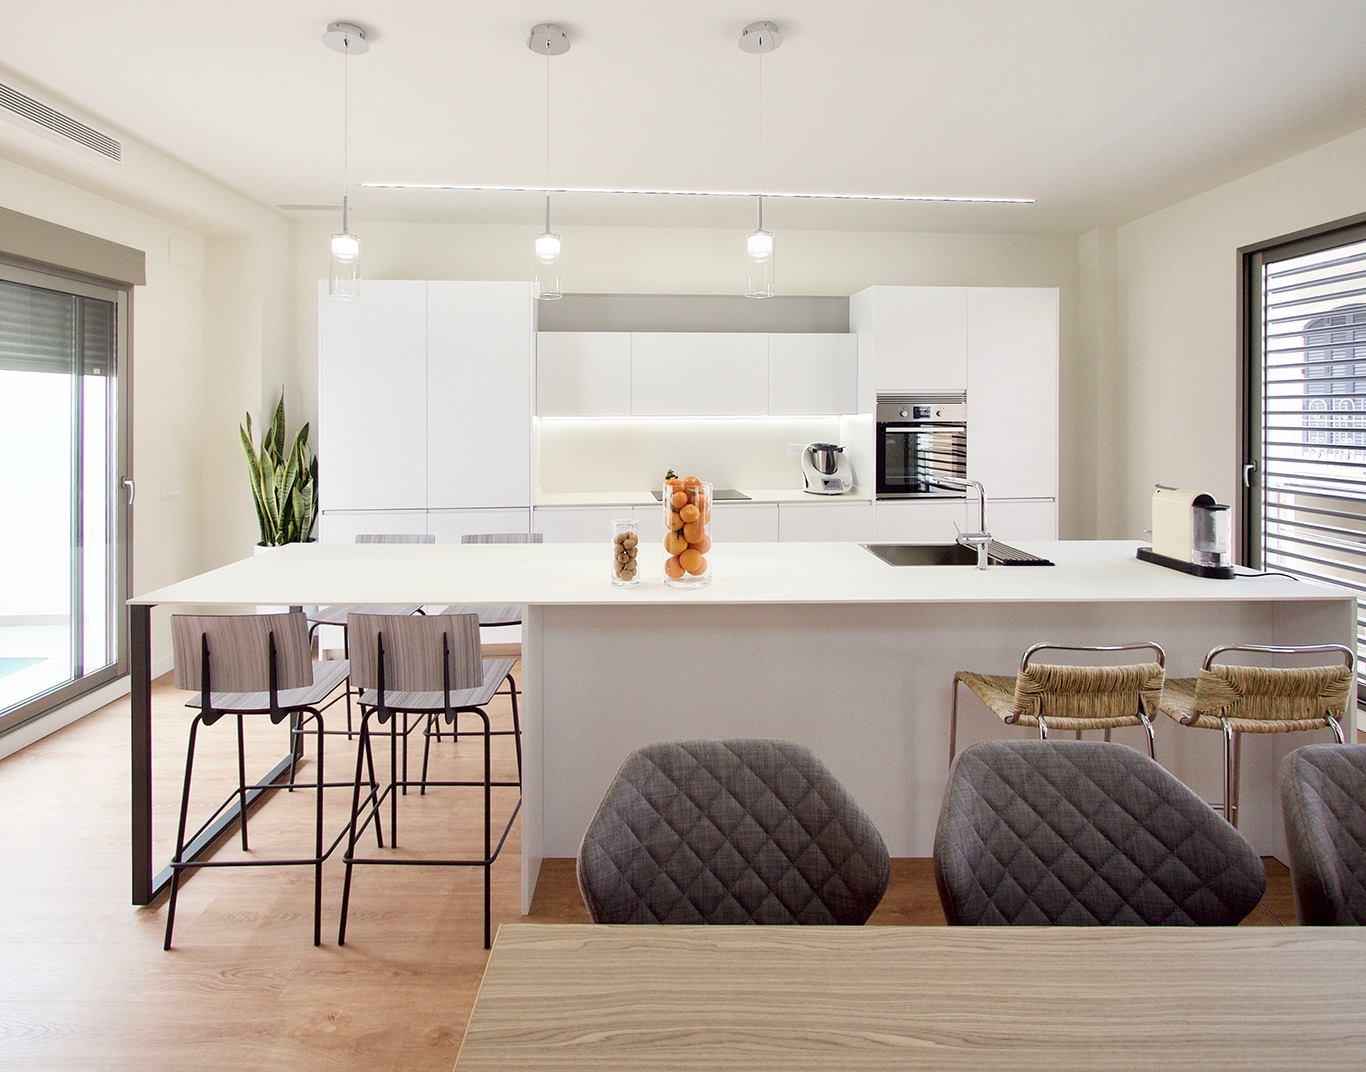 Vista frontal de una cocina con isla blanca y abierta salon comedor